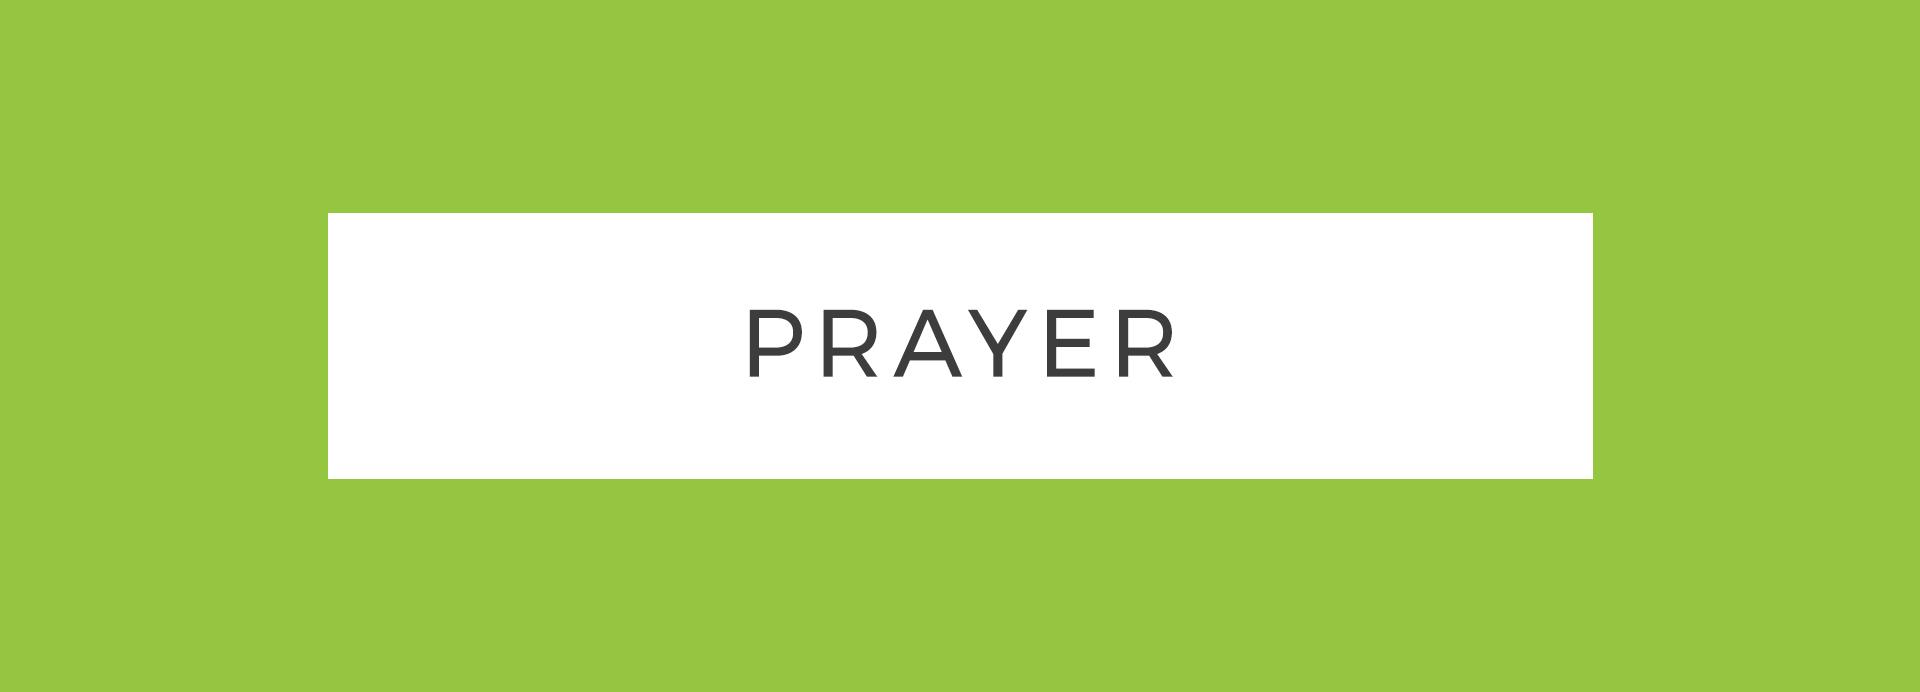 PRAYER BUTTON.jpg